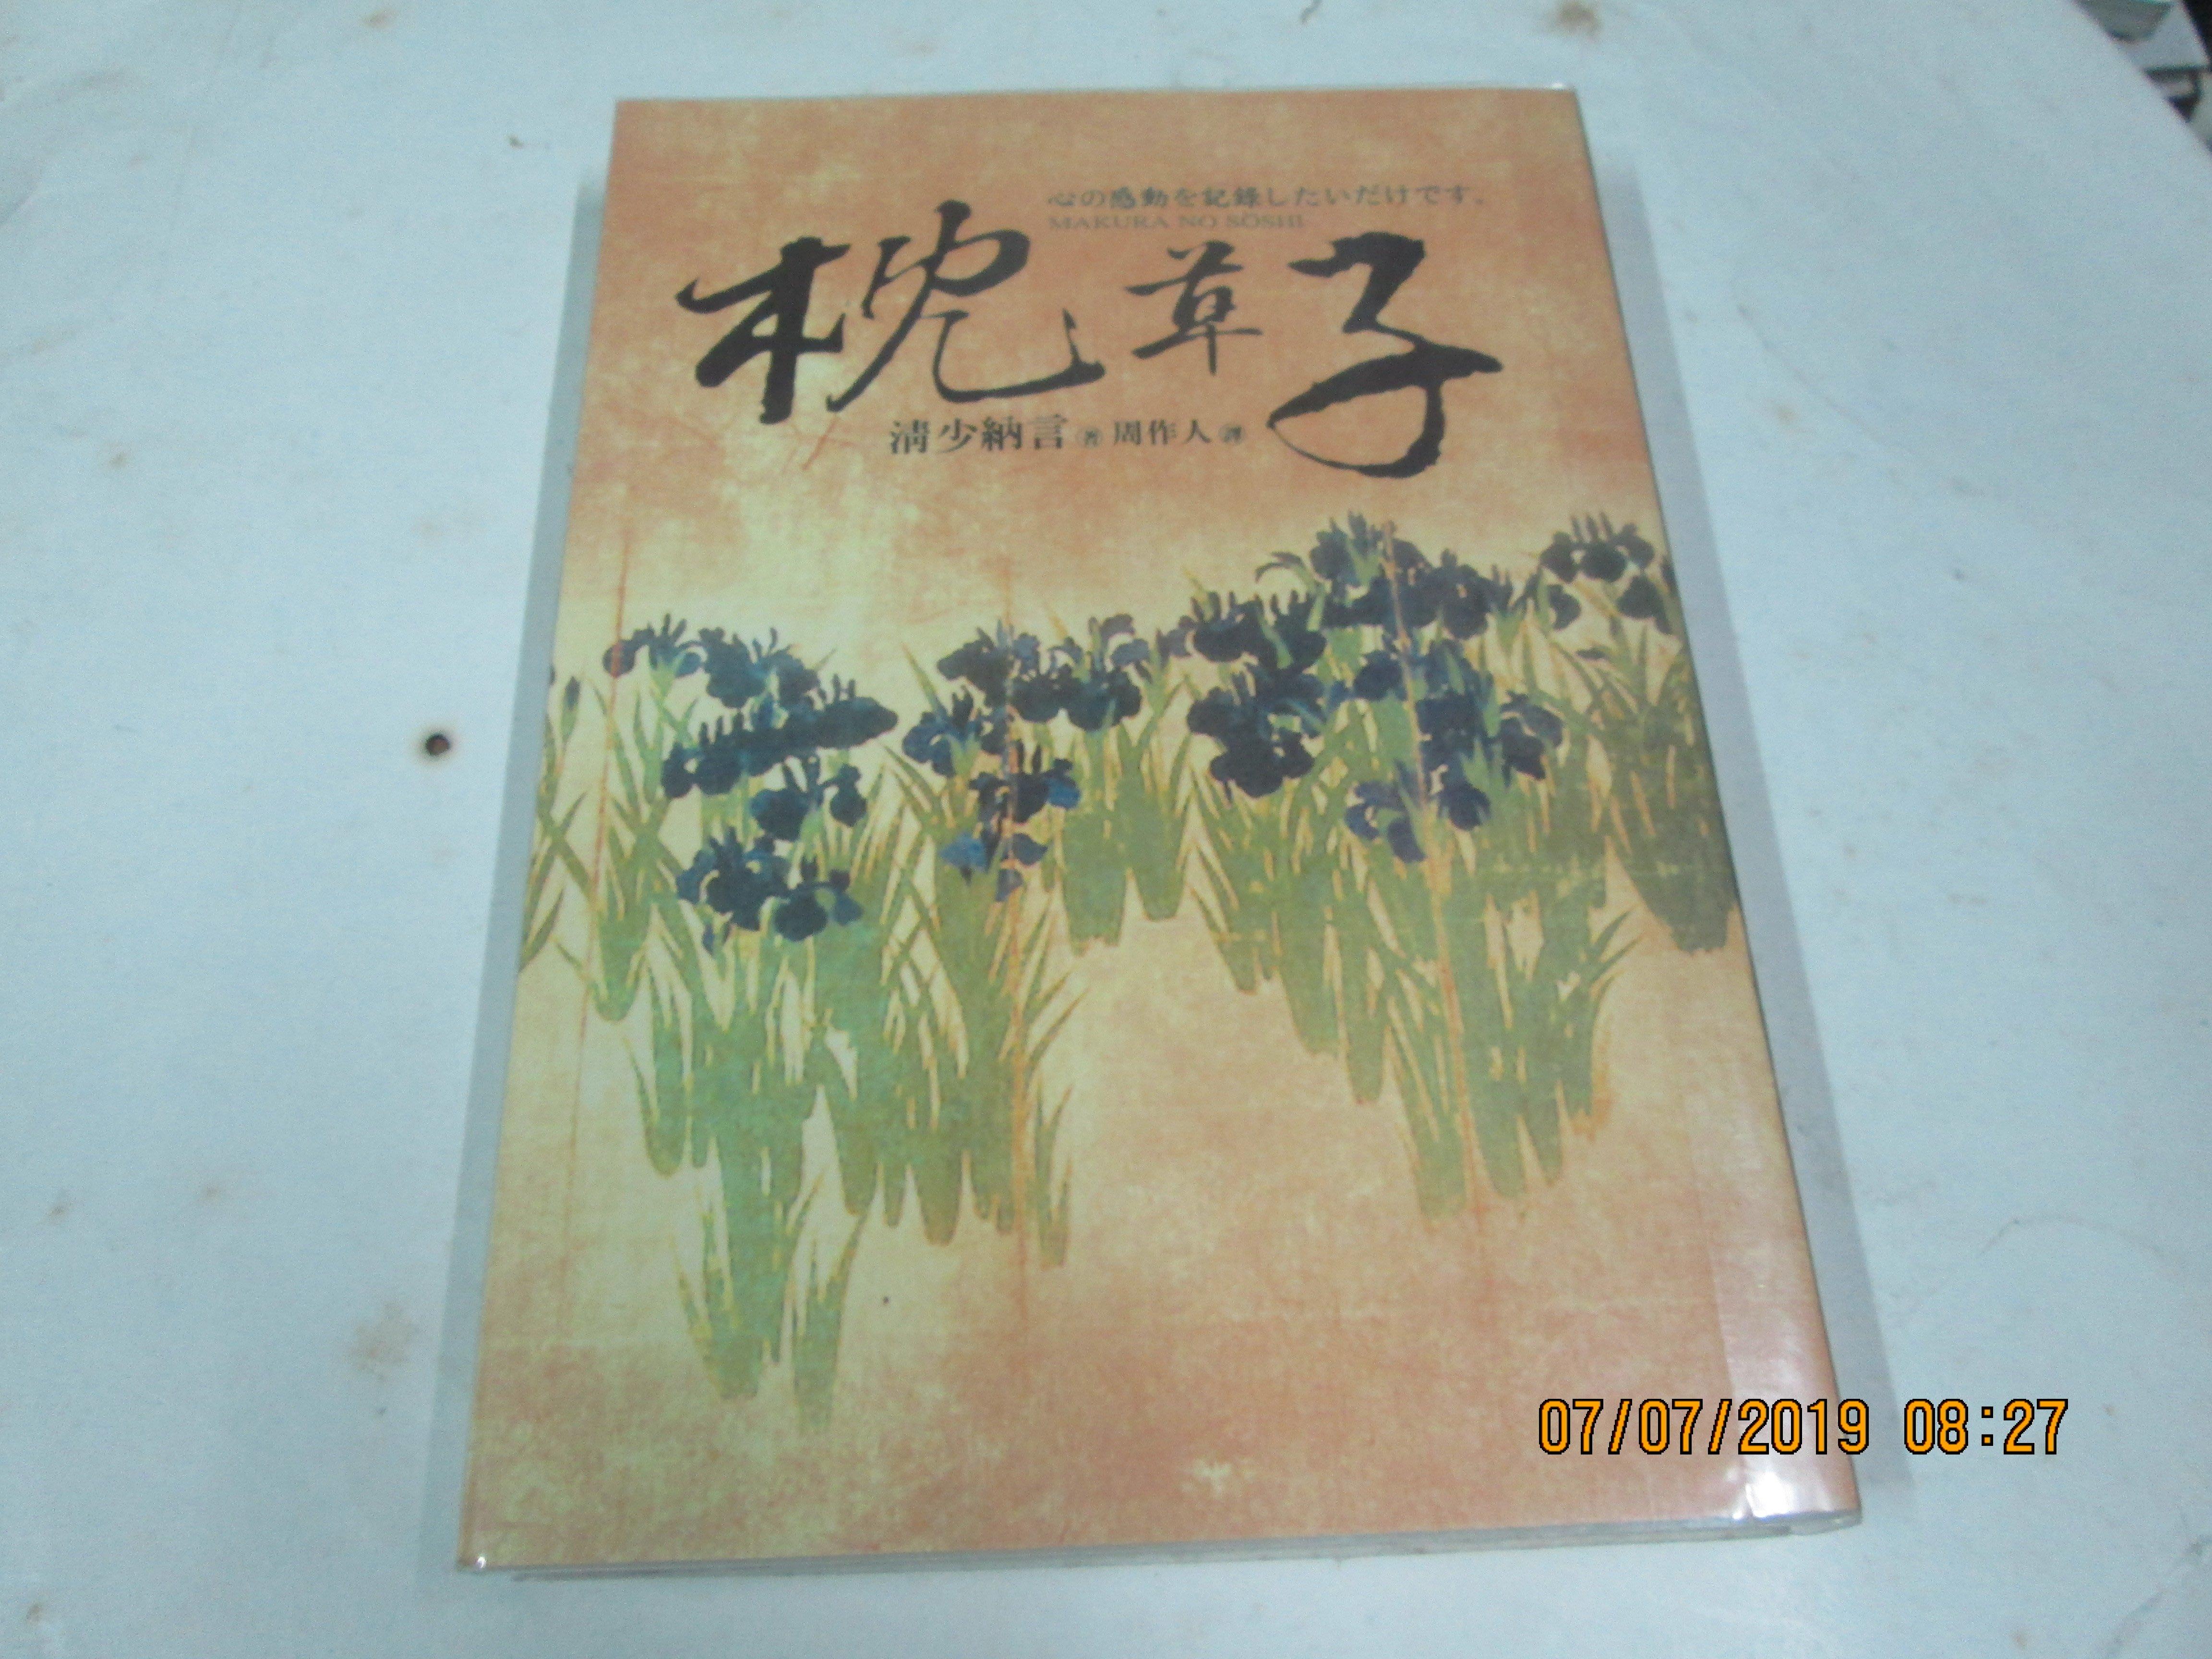 枕草子の作者